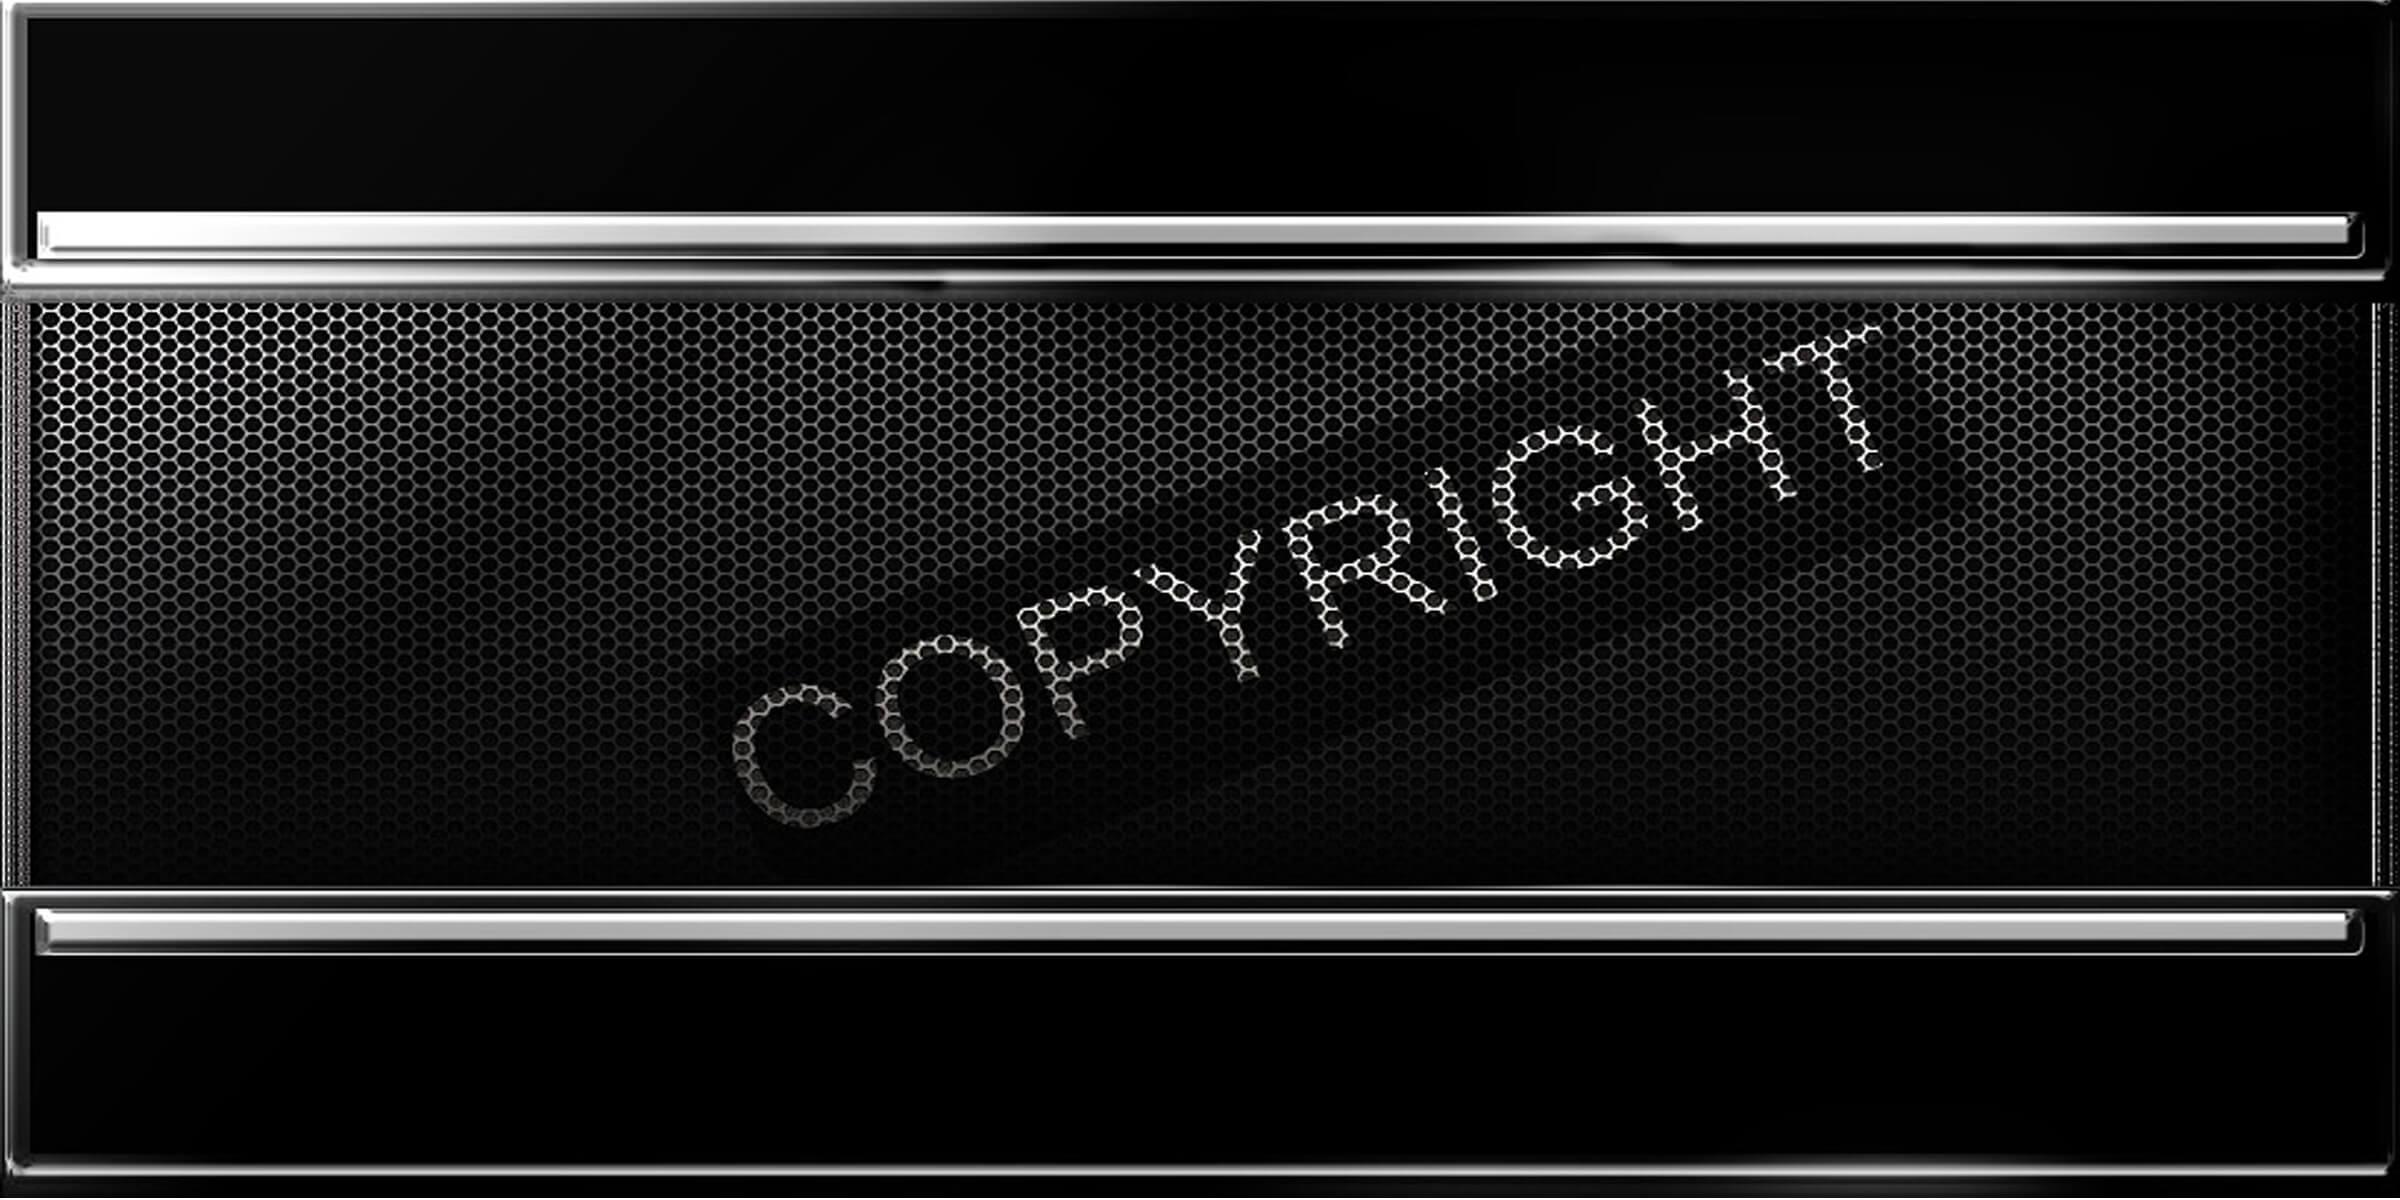 DMCA & Copyright